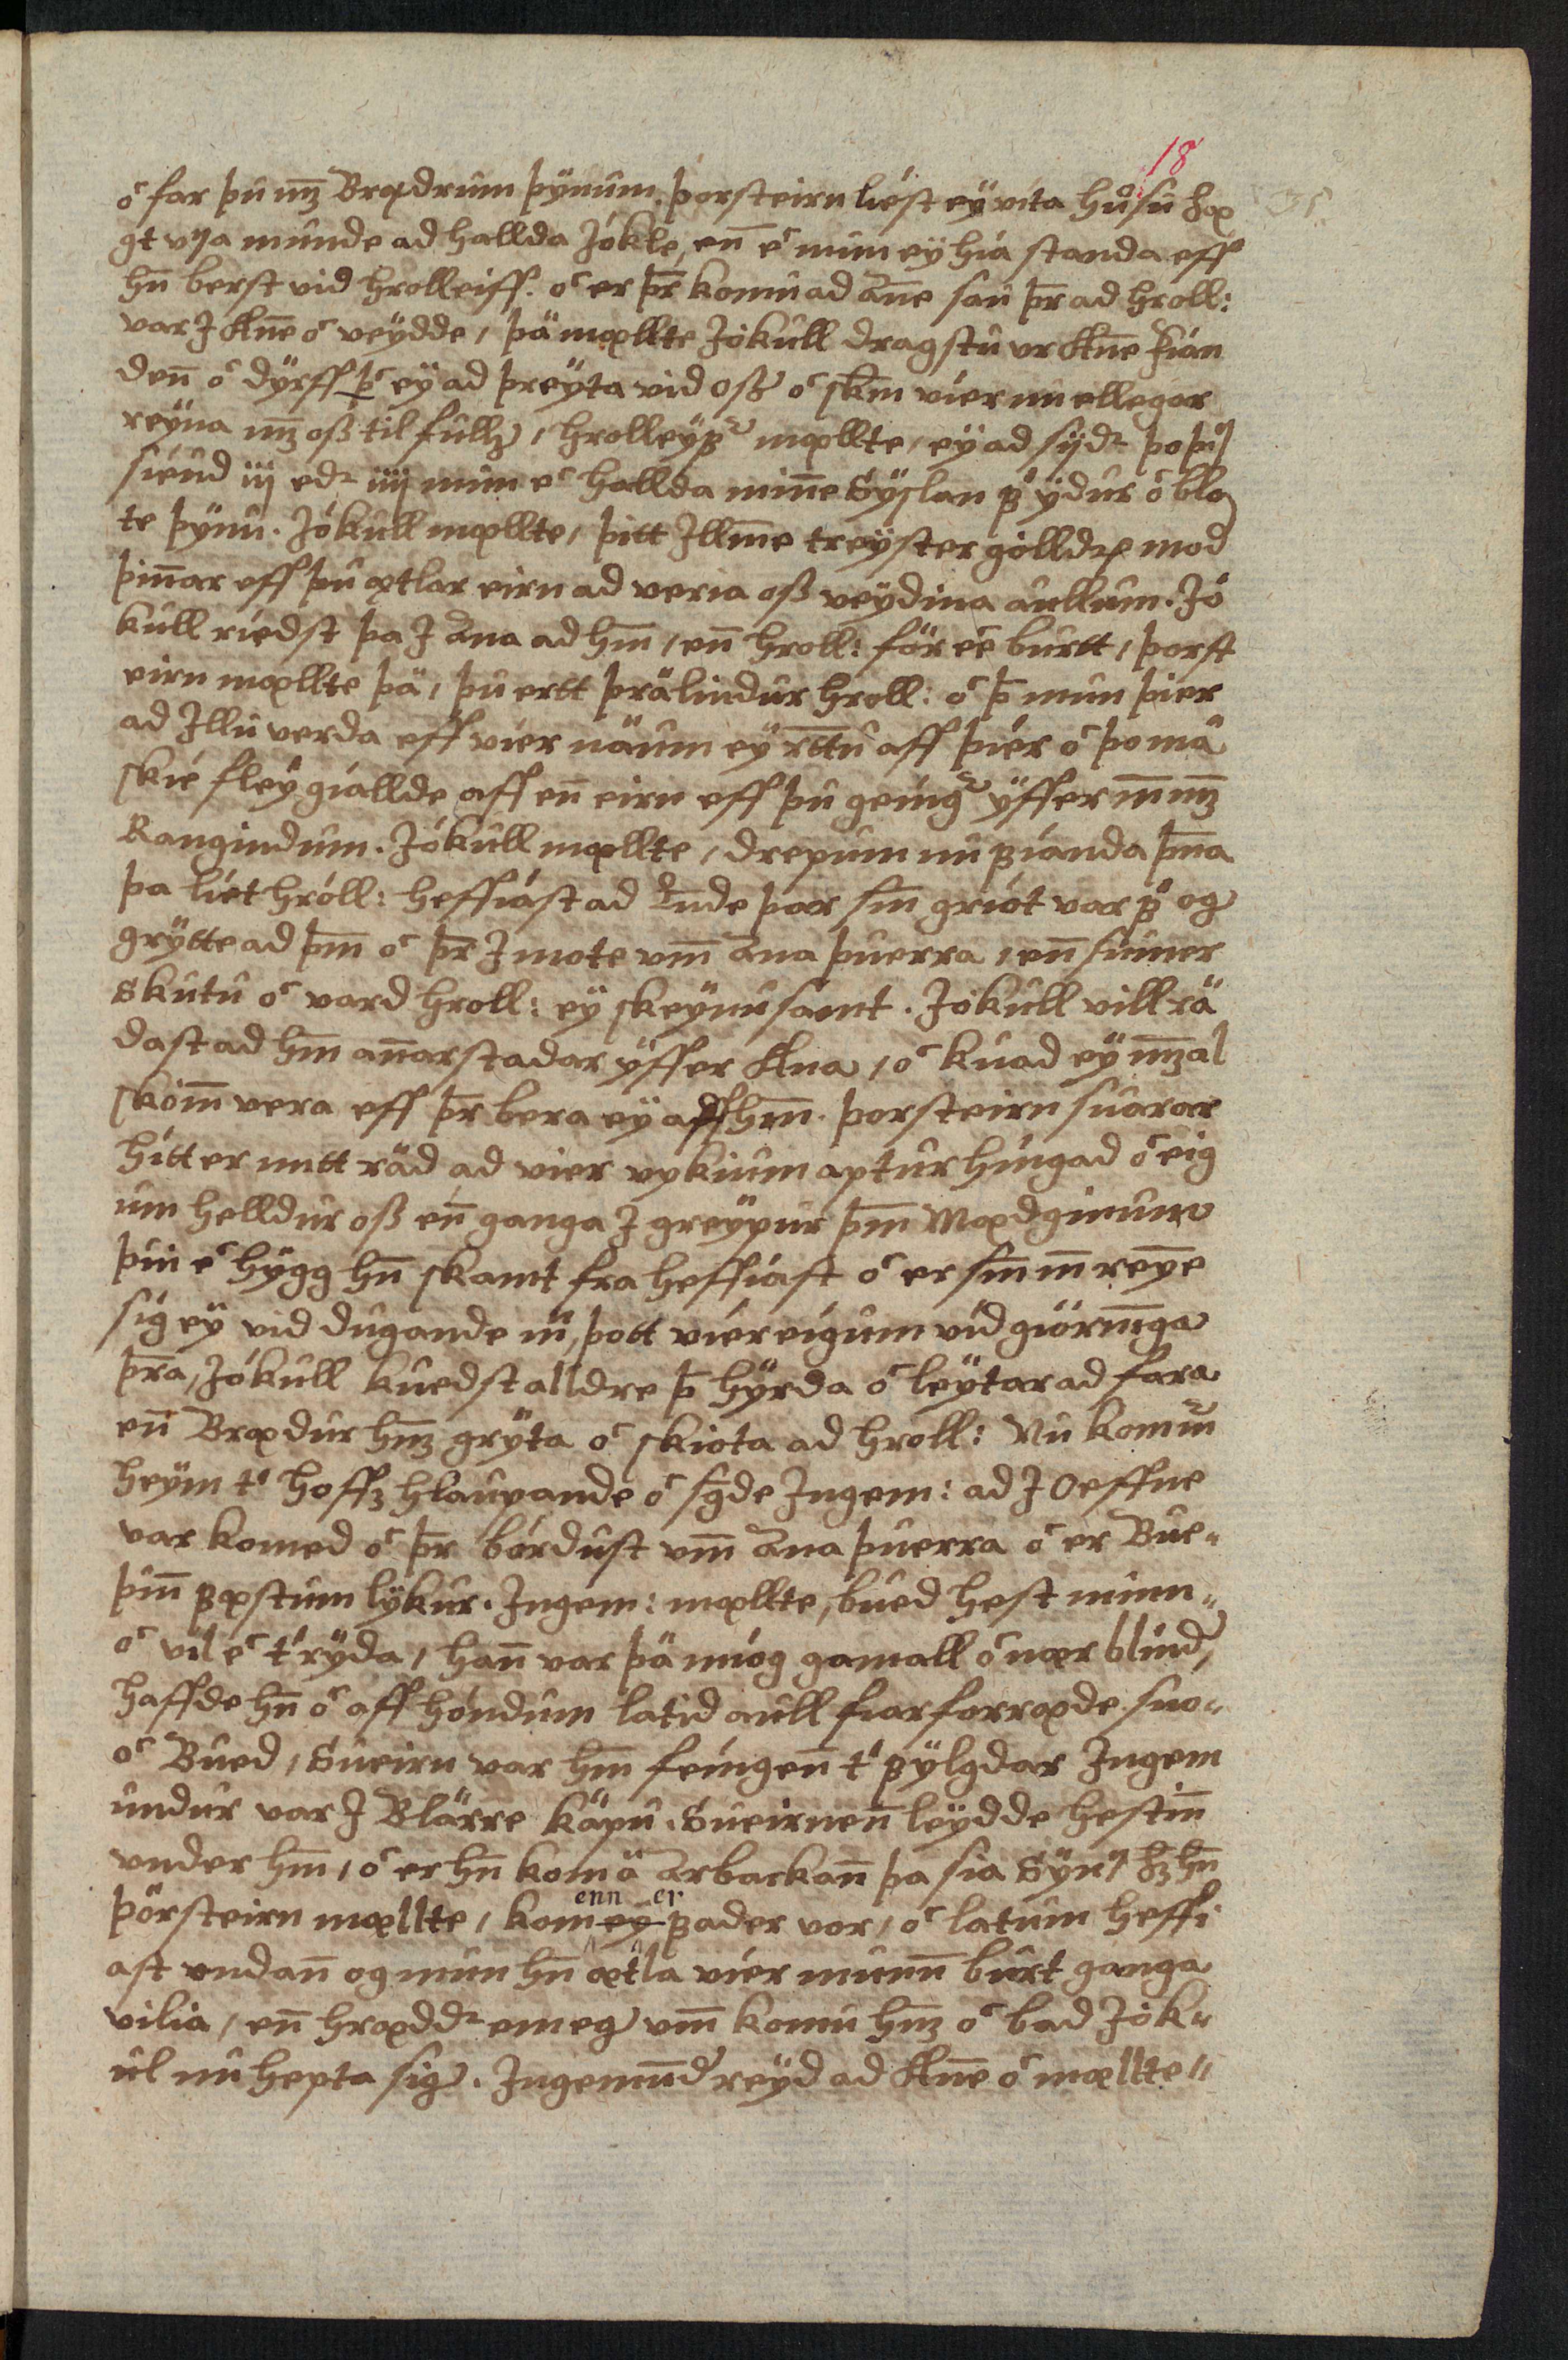 AM 138 fol - 18r